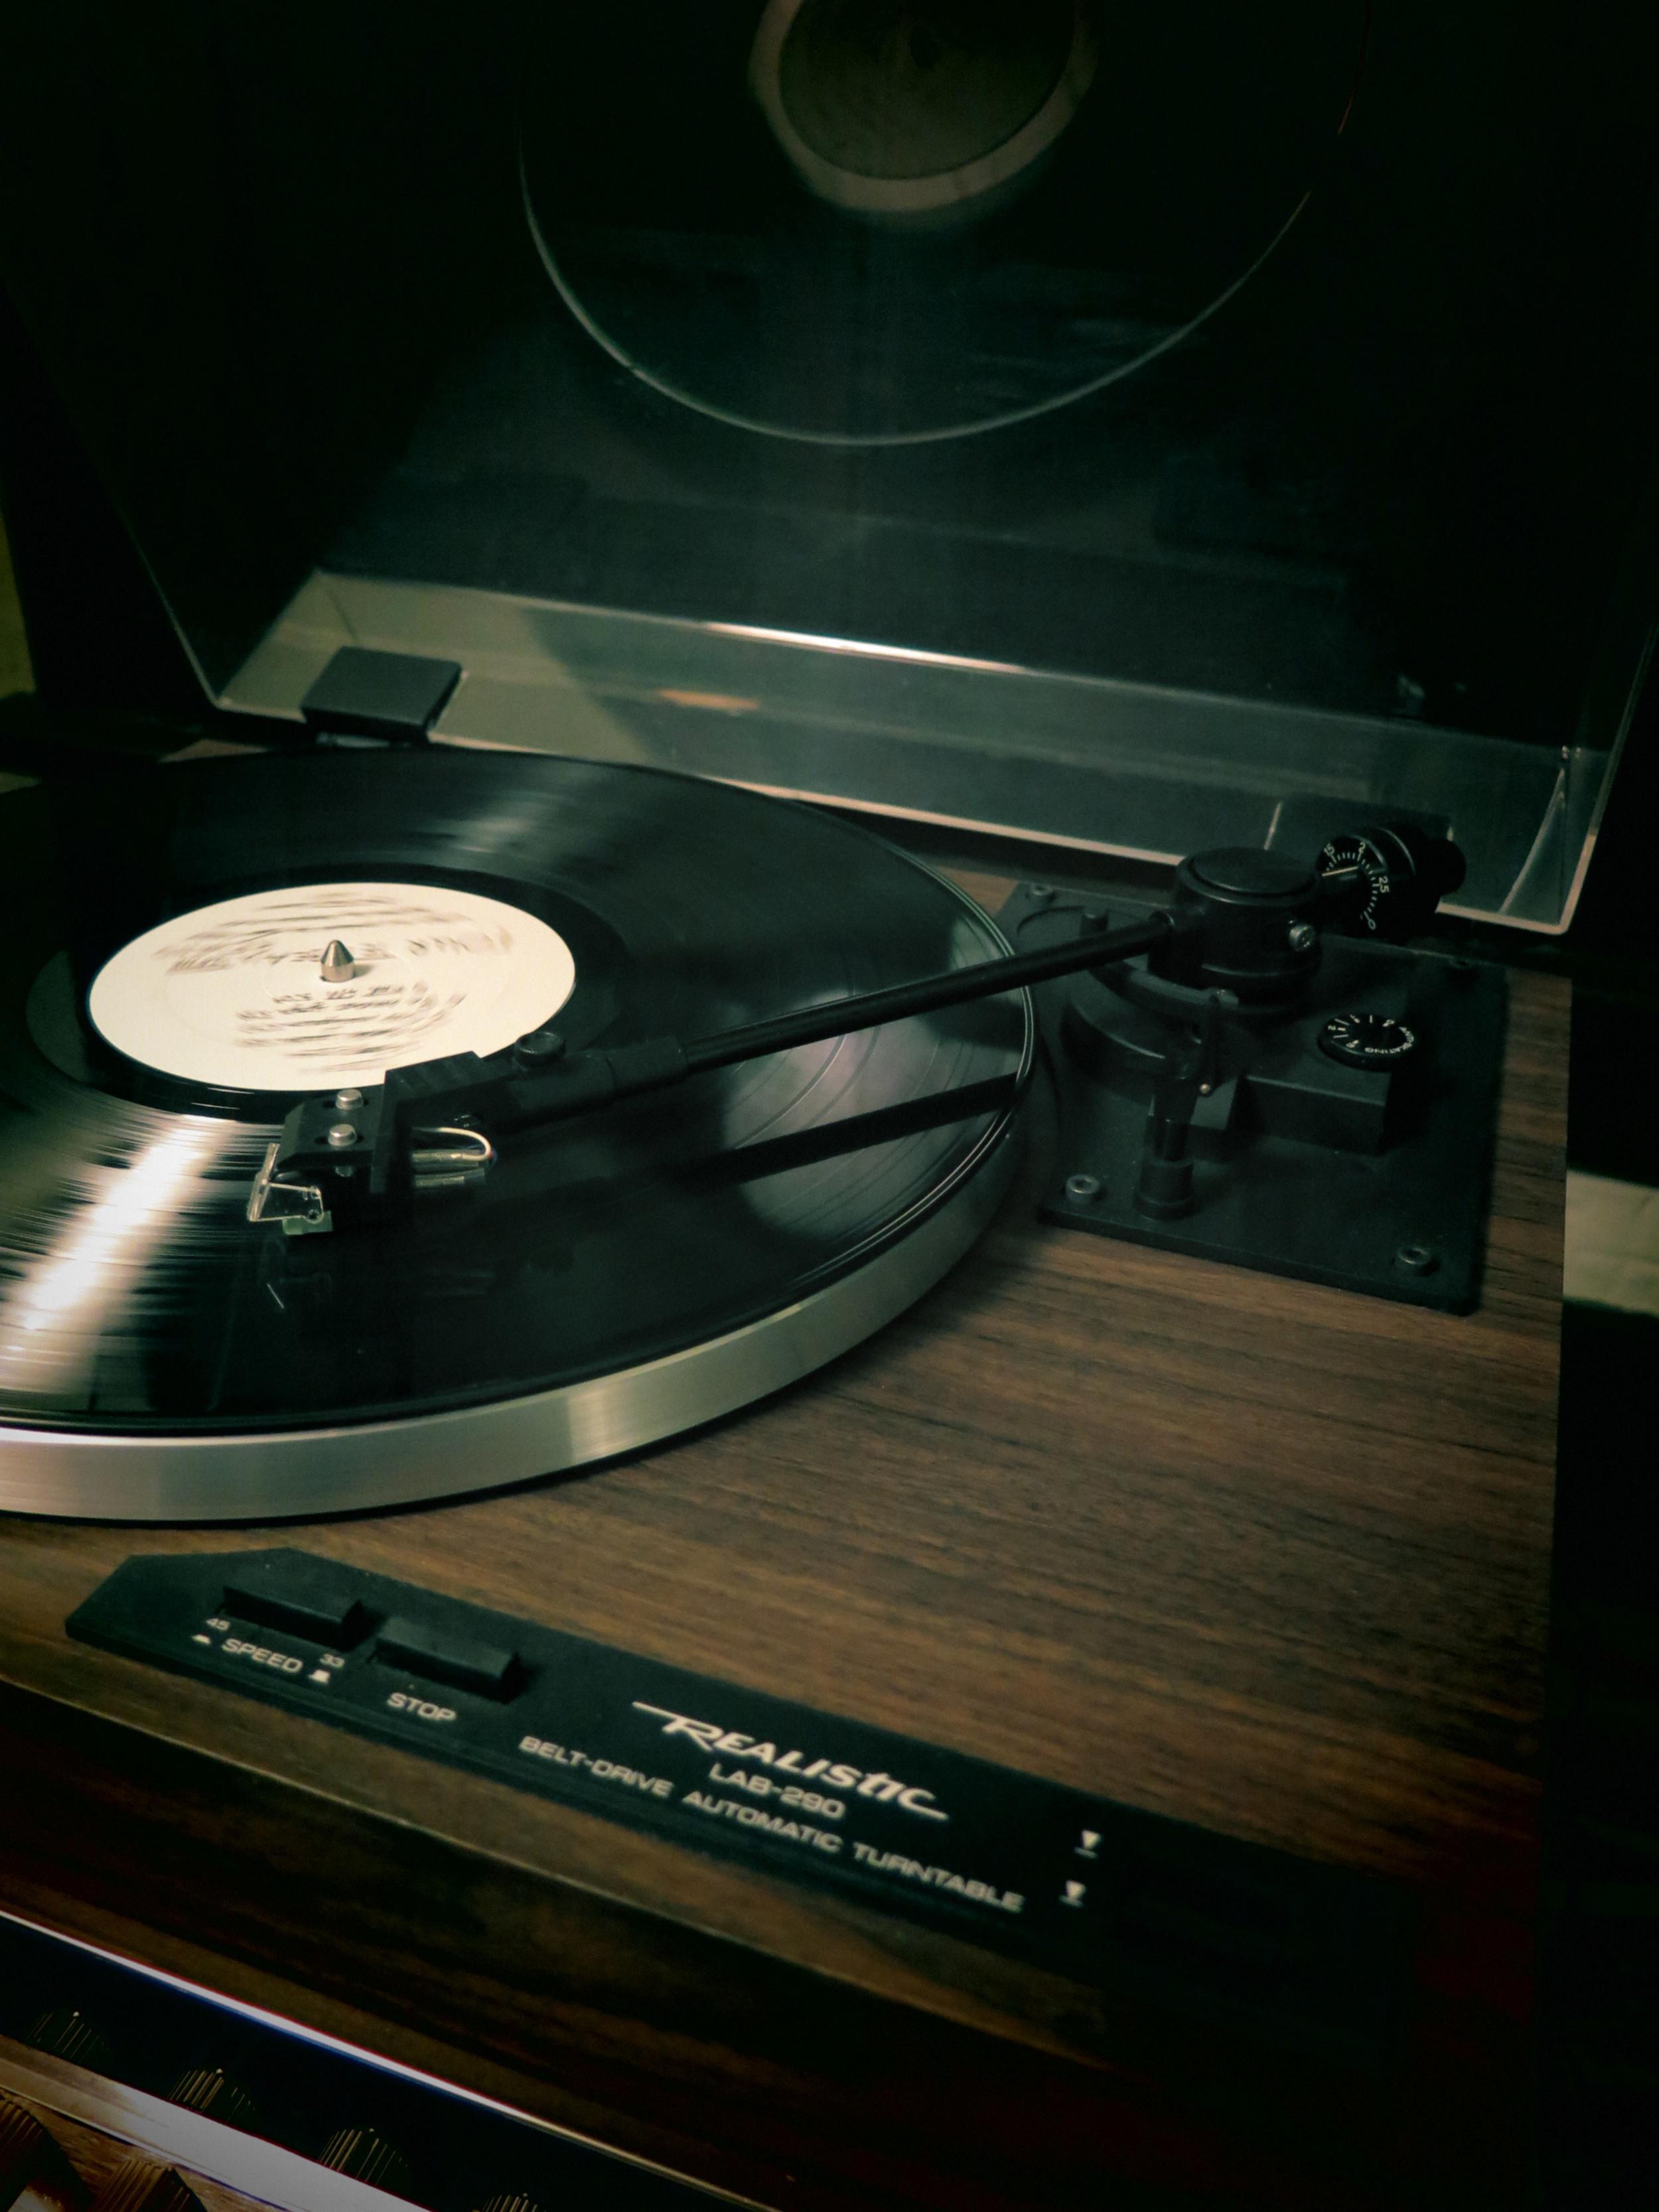 1:9:14 recordplayer.JPG